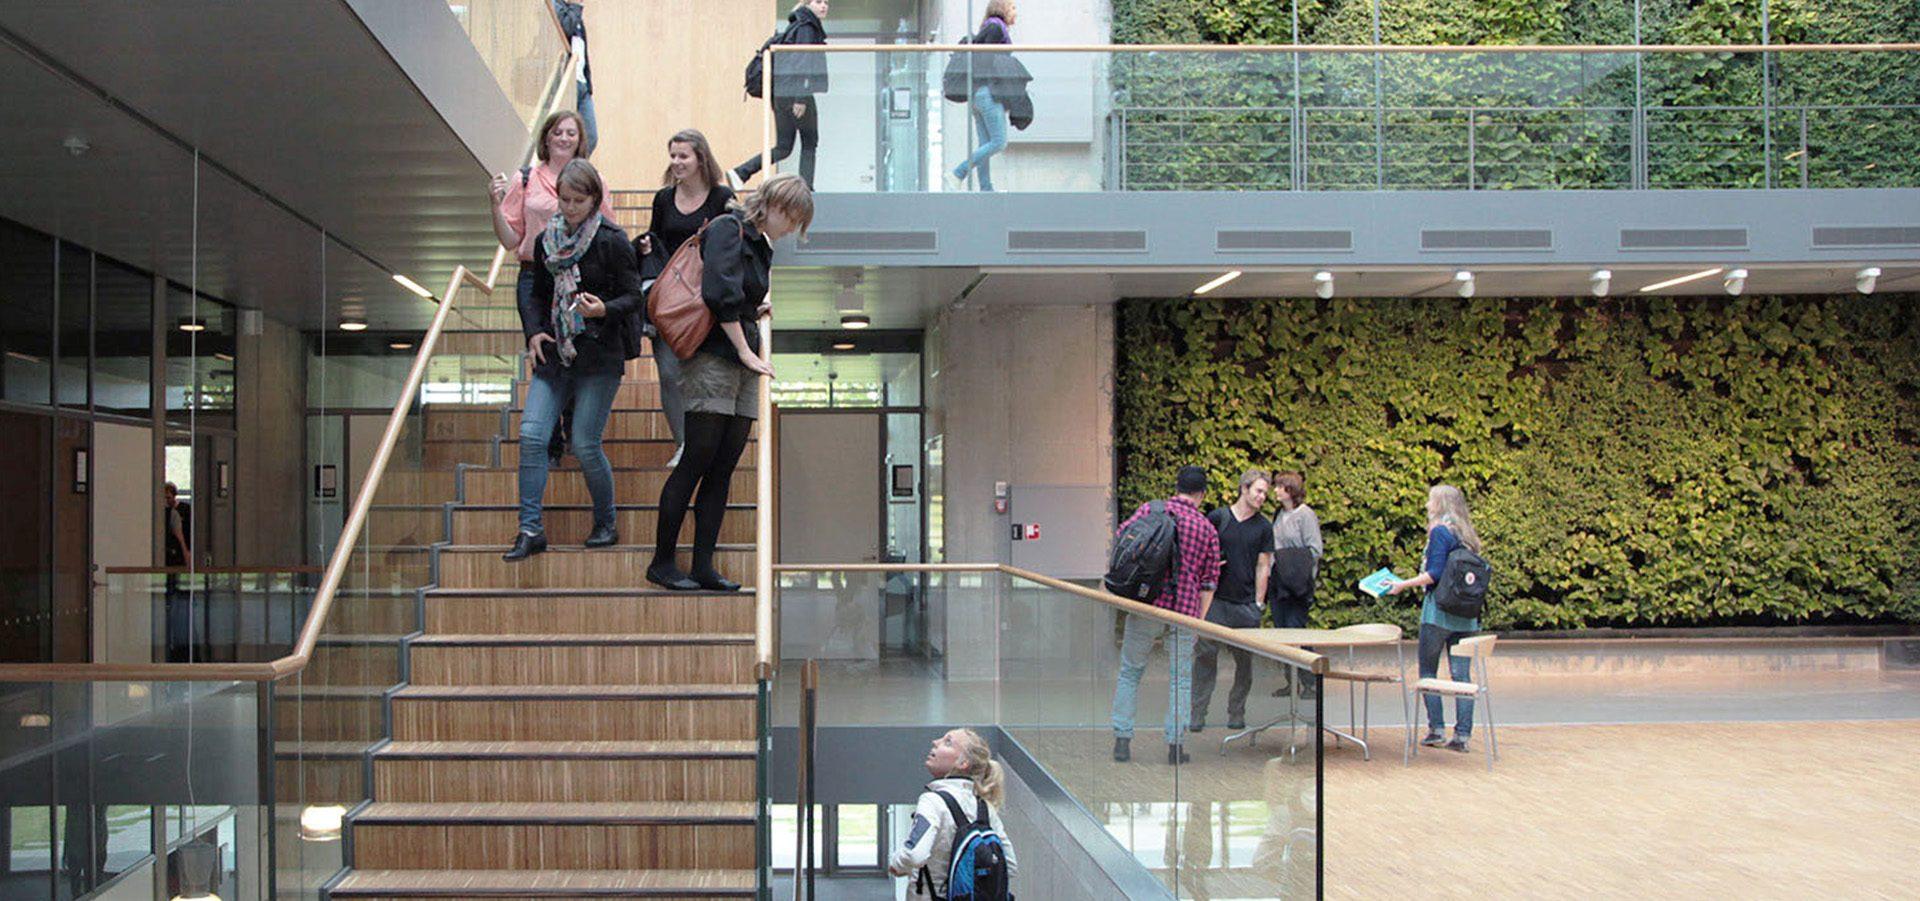 ZESO 教育  // 丹麦南丹麦大学38号楼